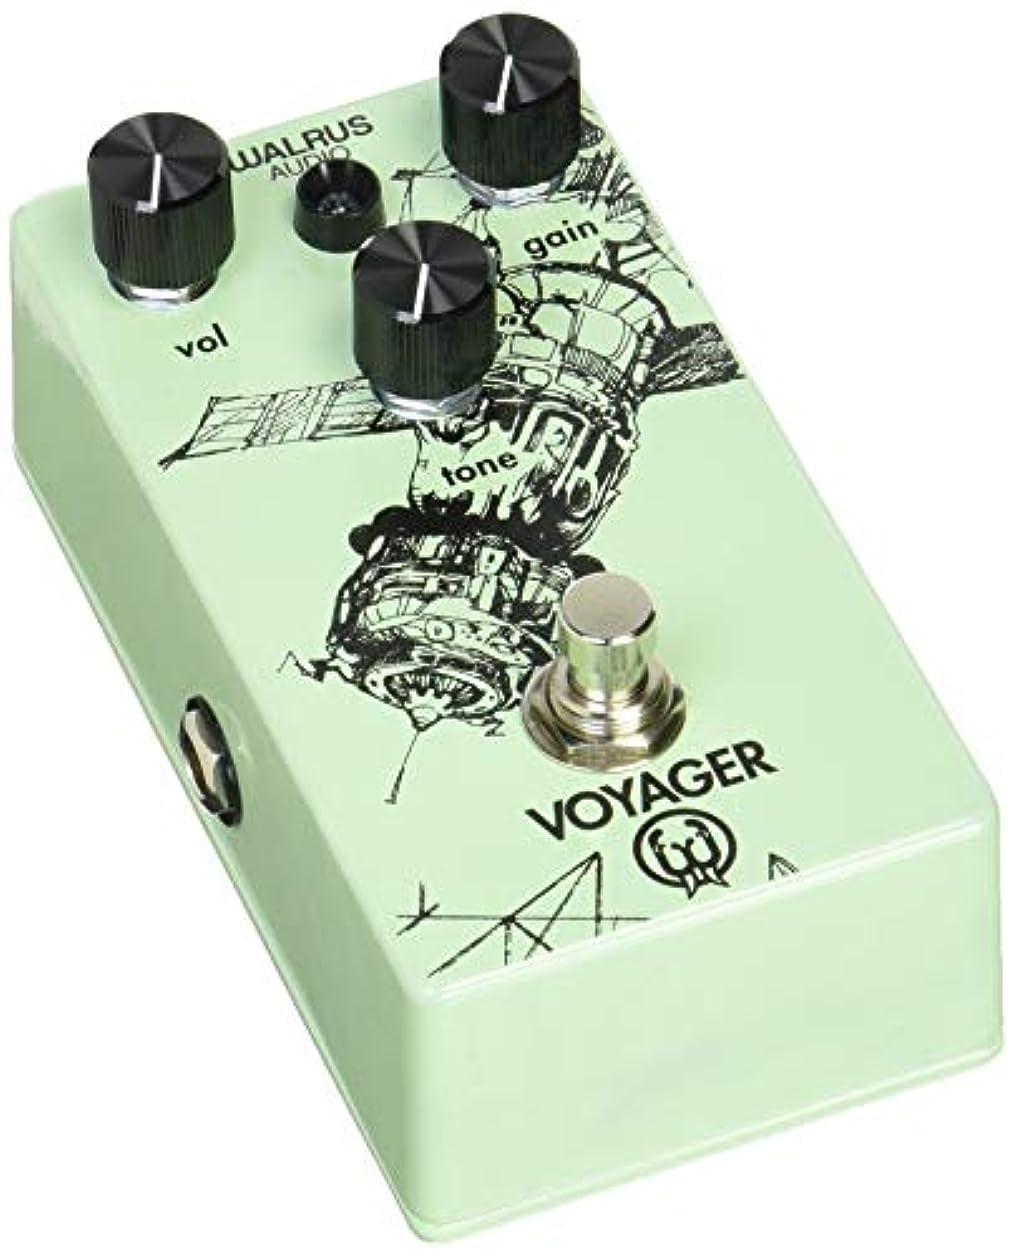 ブラウザレキシコン枕Walrus Audio ウォルラスオーディオ オーバードライブ ギターエフェクター VOYAGER